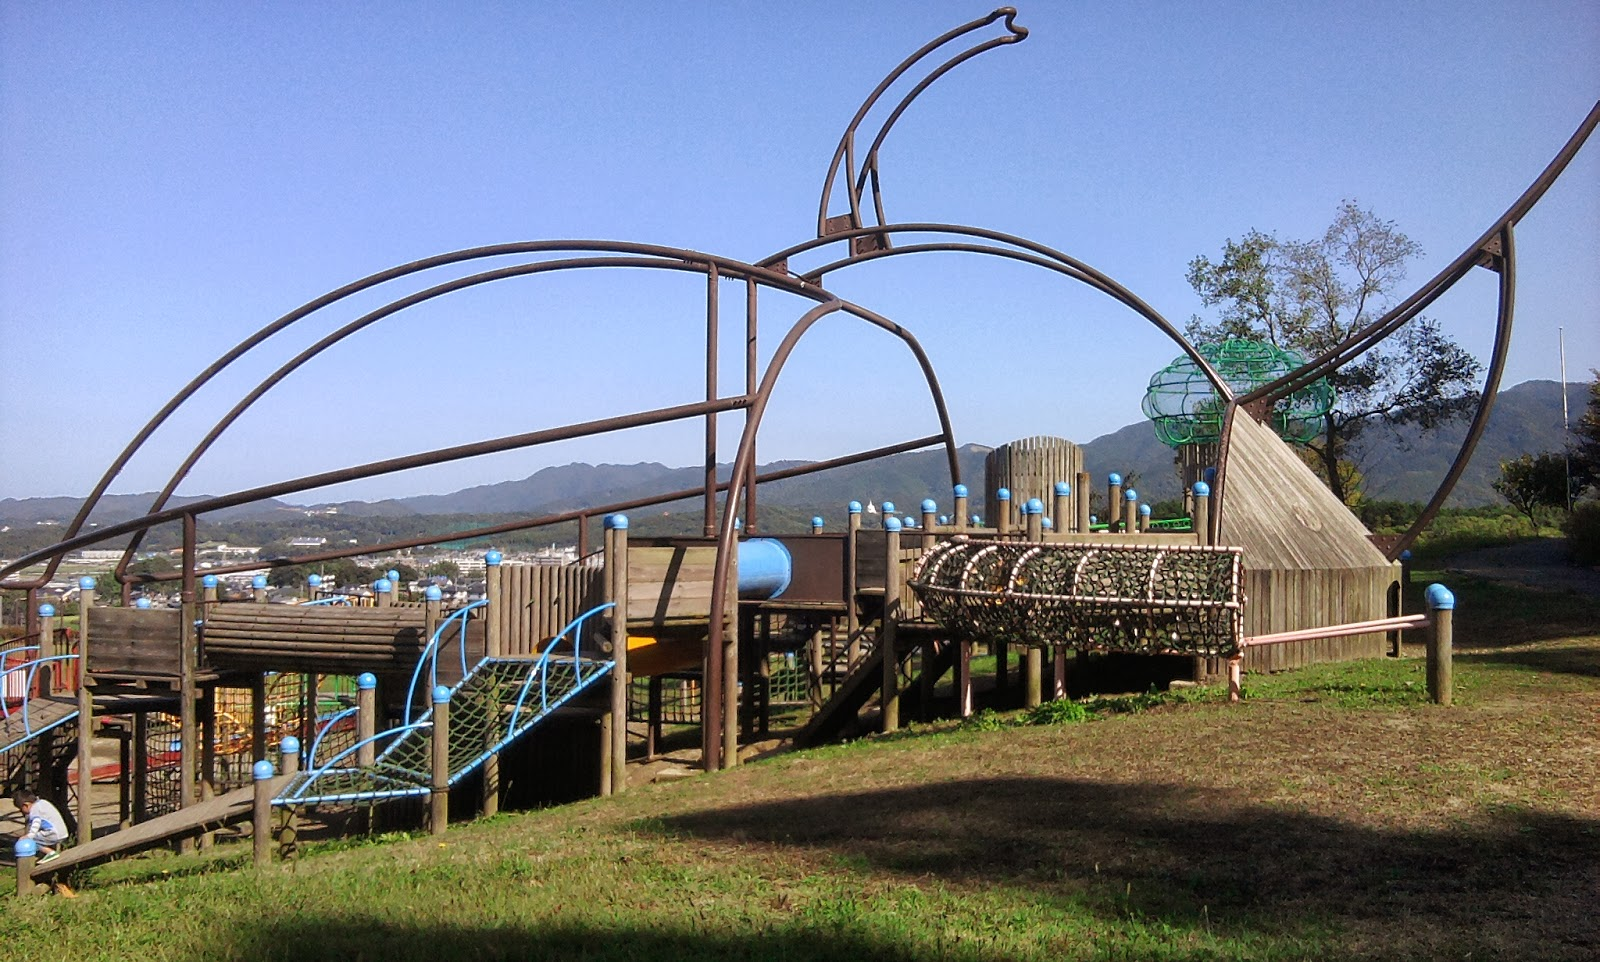 さくらママのお出かけブログ: かぶとの森公園(福岡県篠栗町)